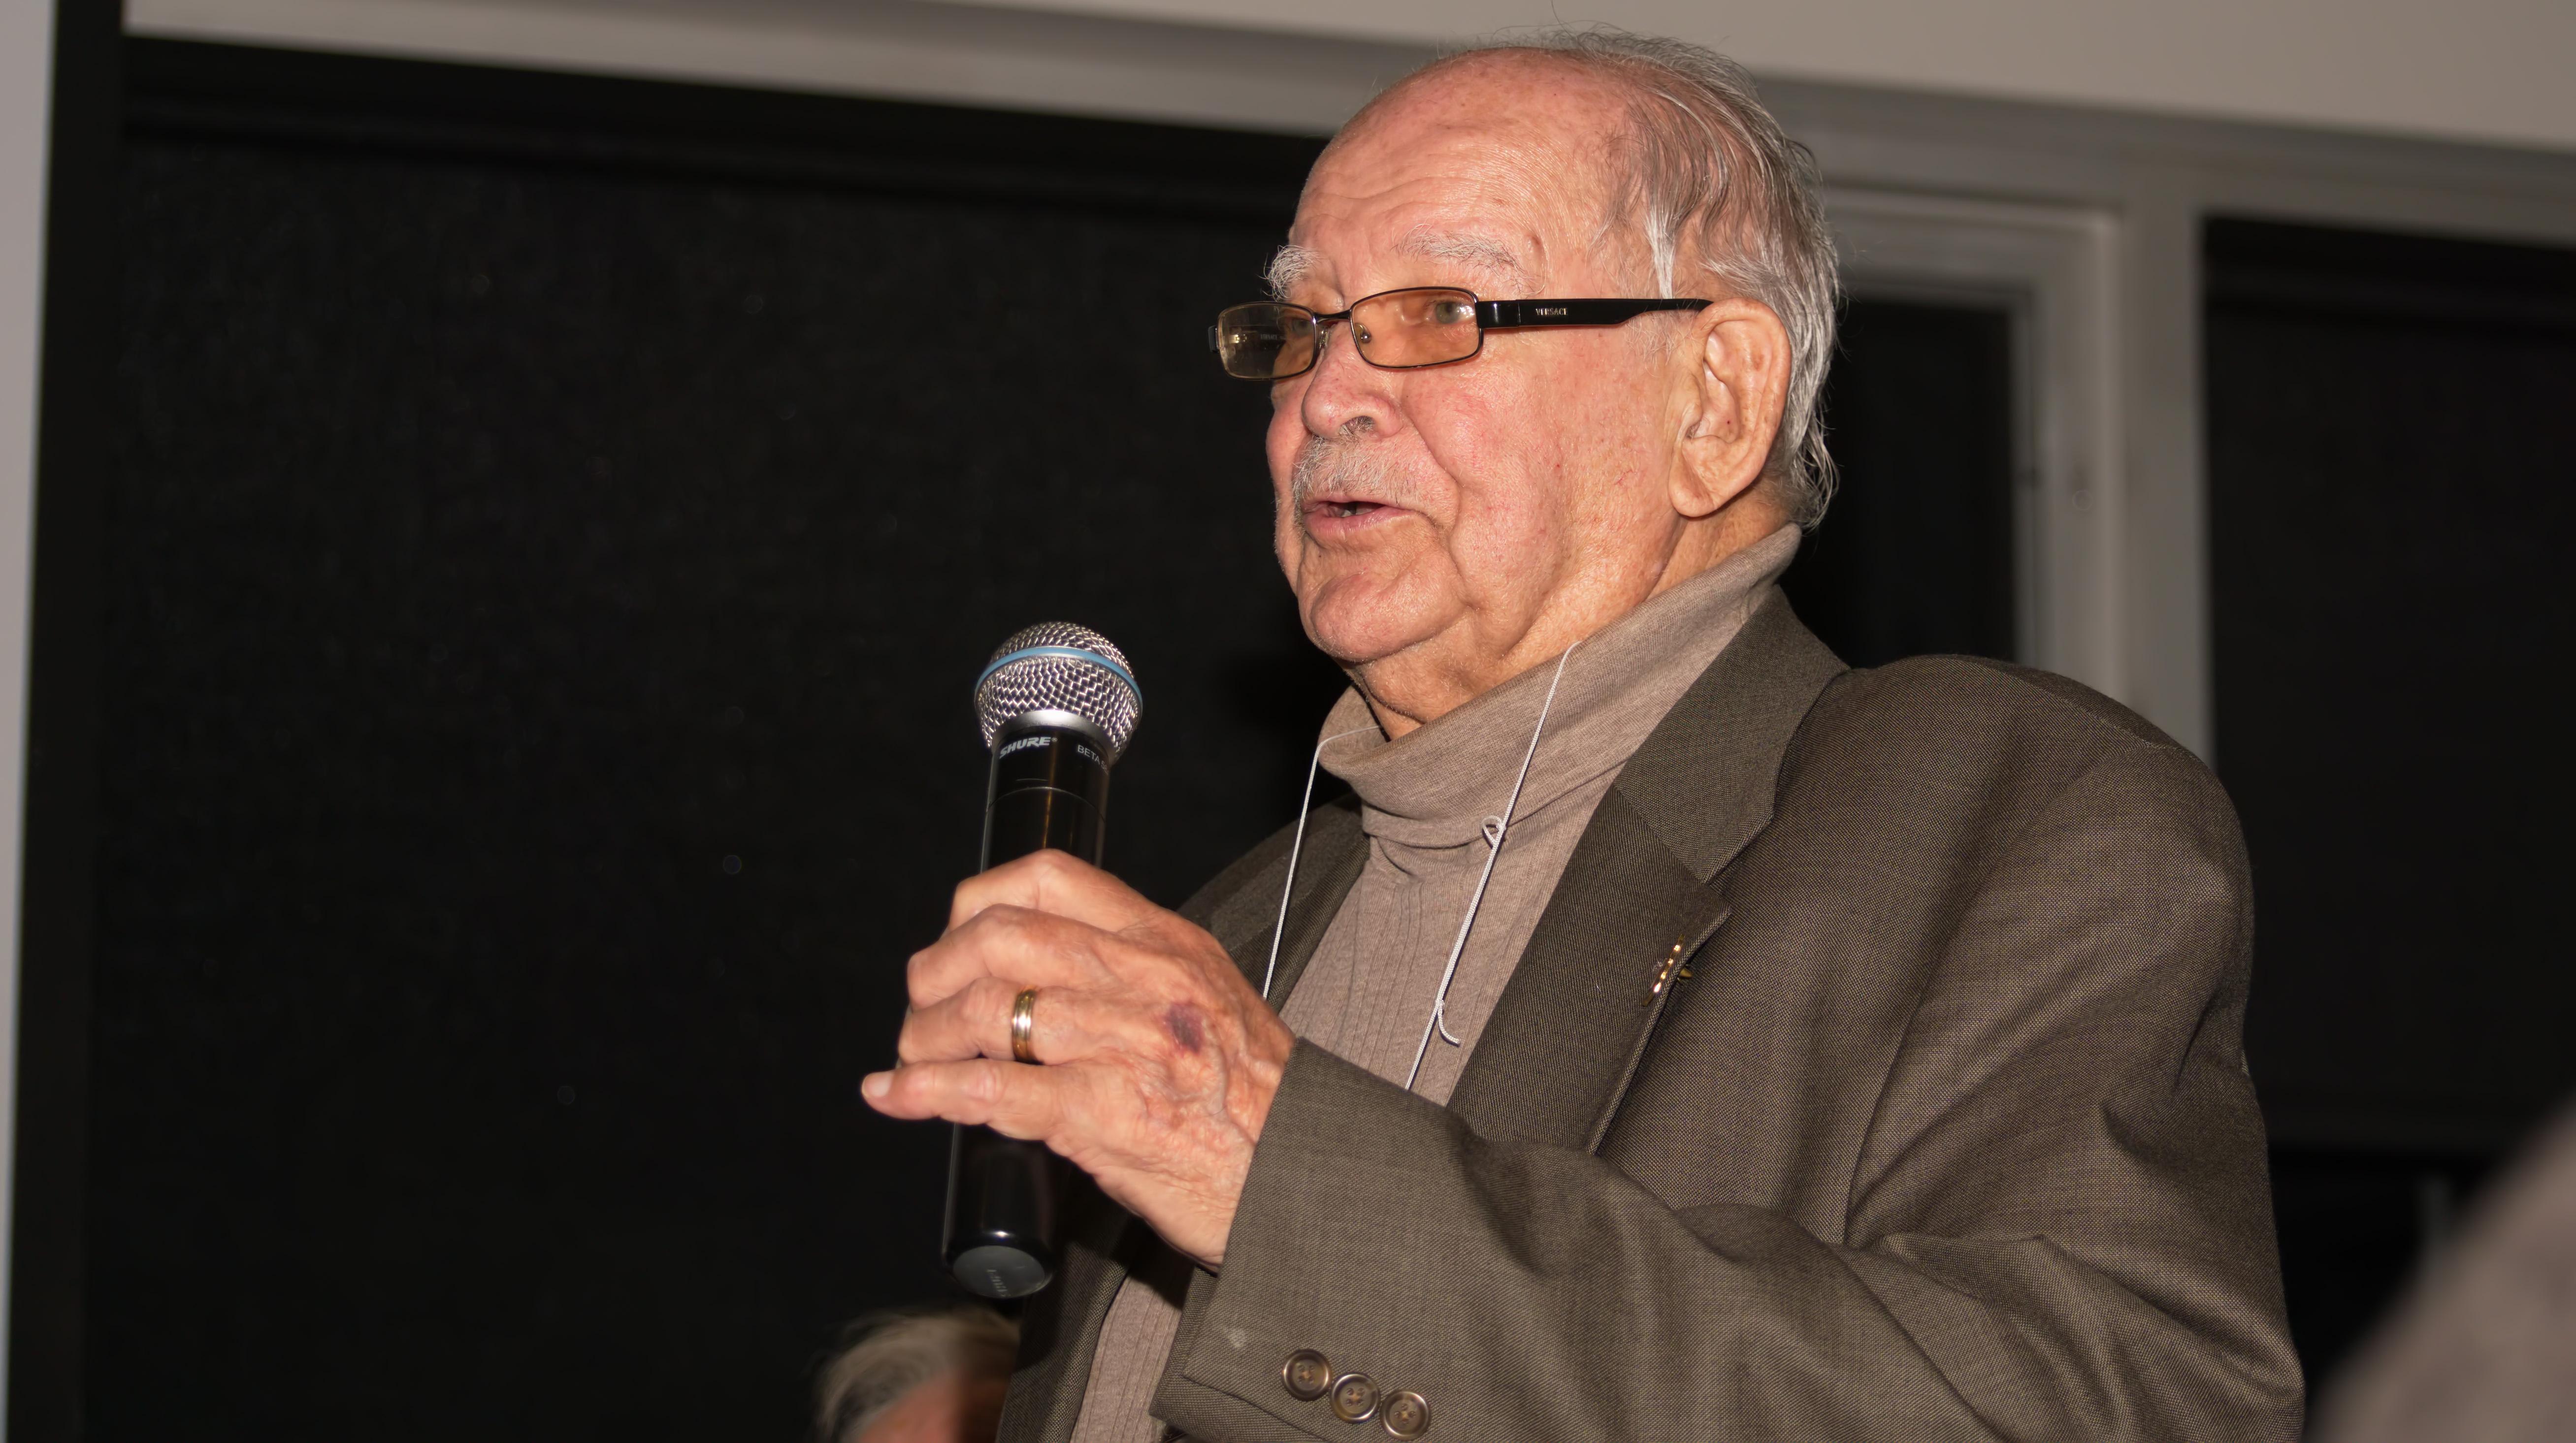 M. Jean-Claude Caron, bénévole de la Société Provancher depuis environ 60 ans, lors de son allocution. Photo: Nicole Bruneau.